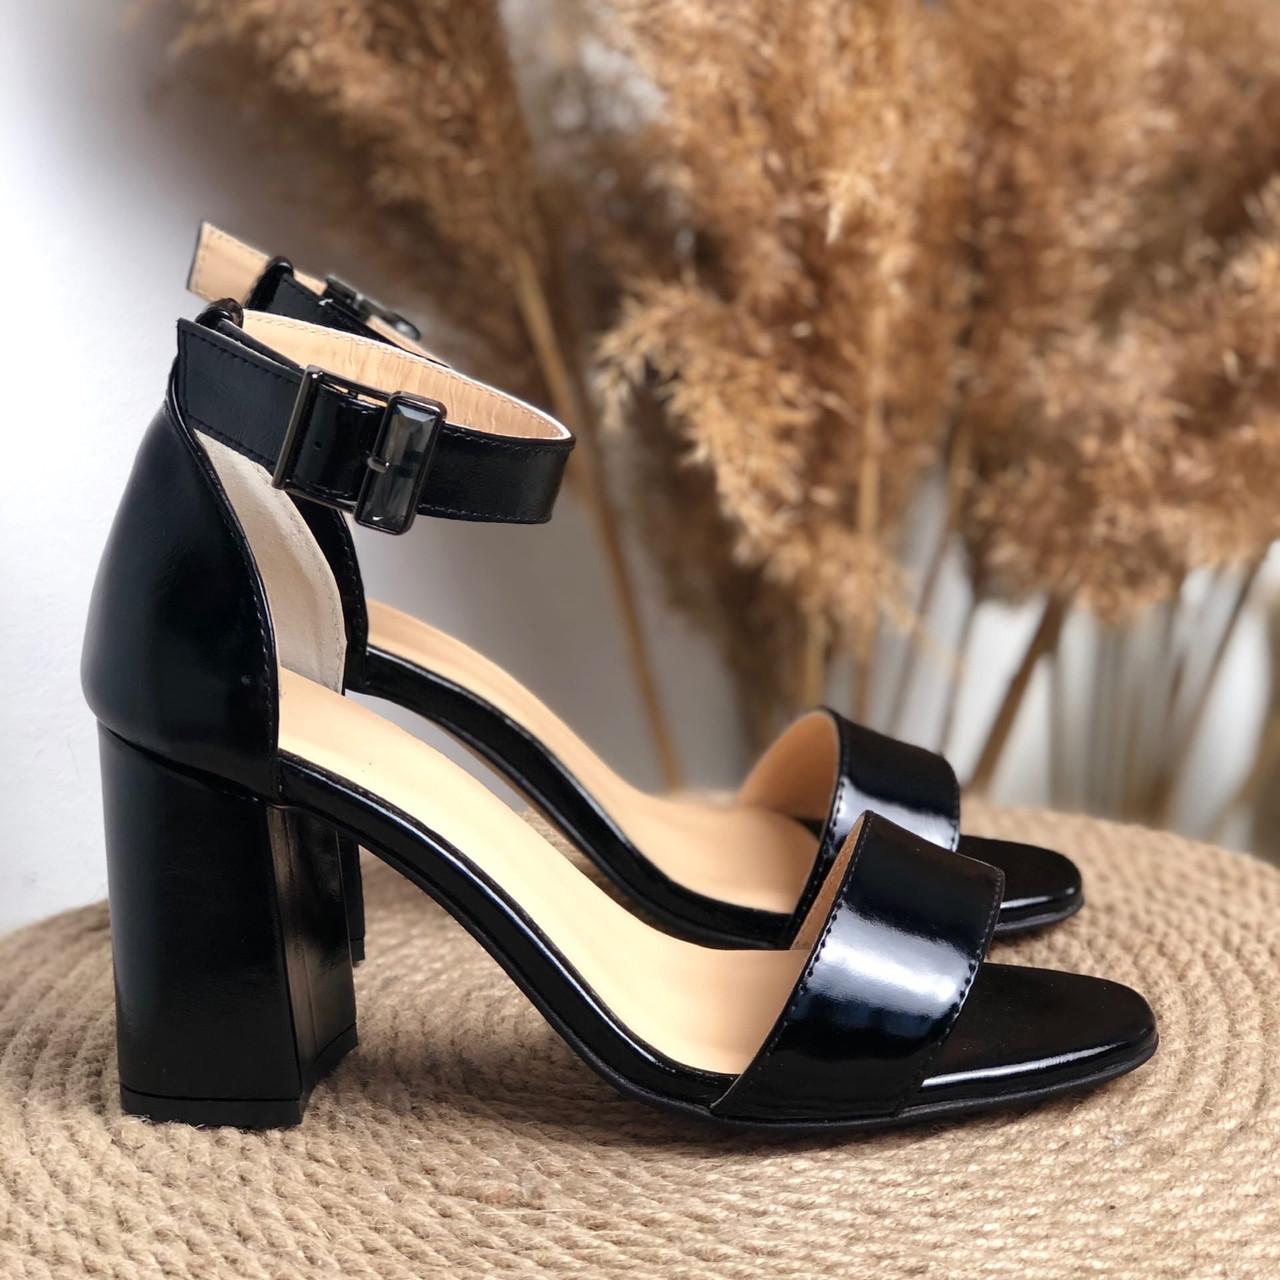 Кожаные босоножки на каблуке Возможен отшив в других цветах кожи и замши